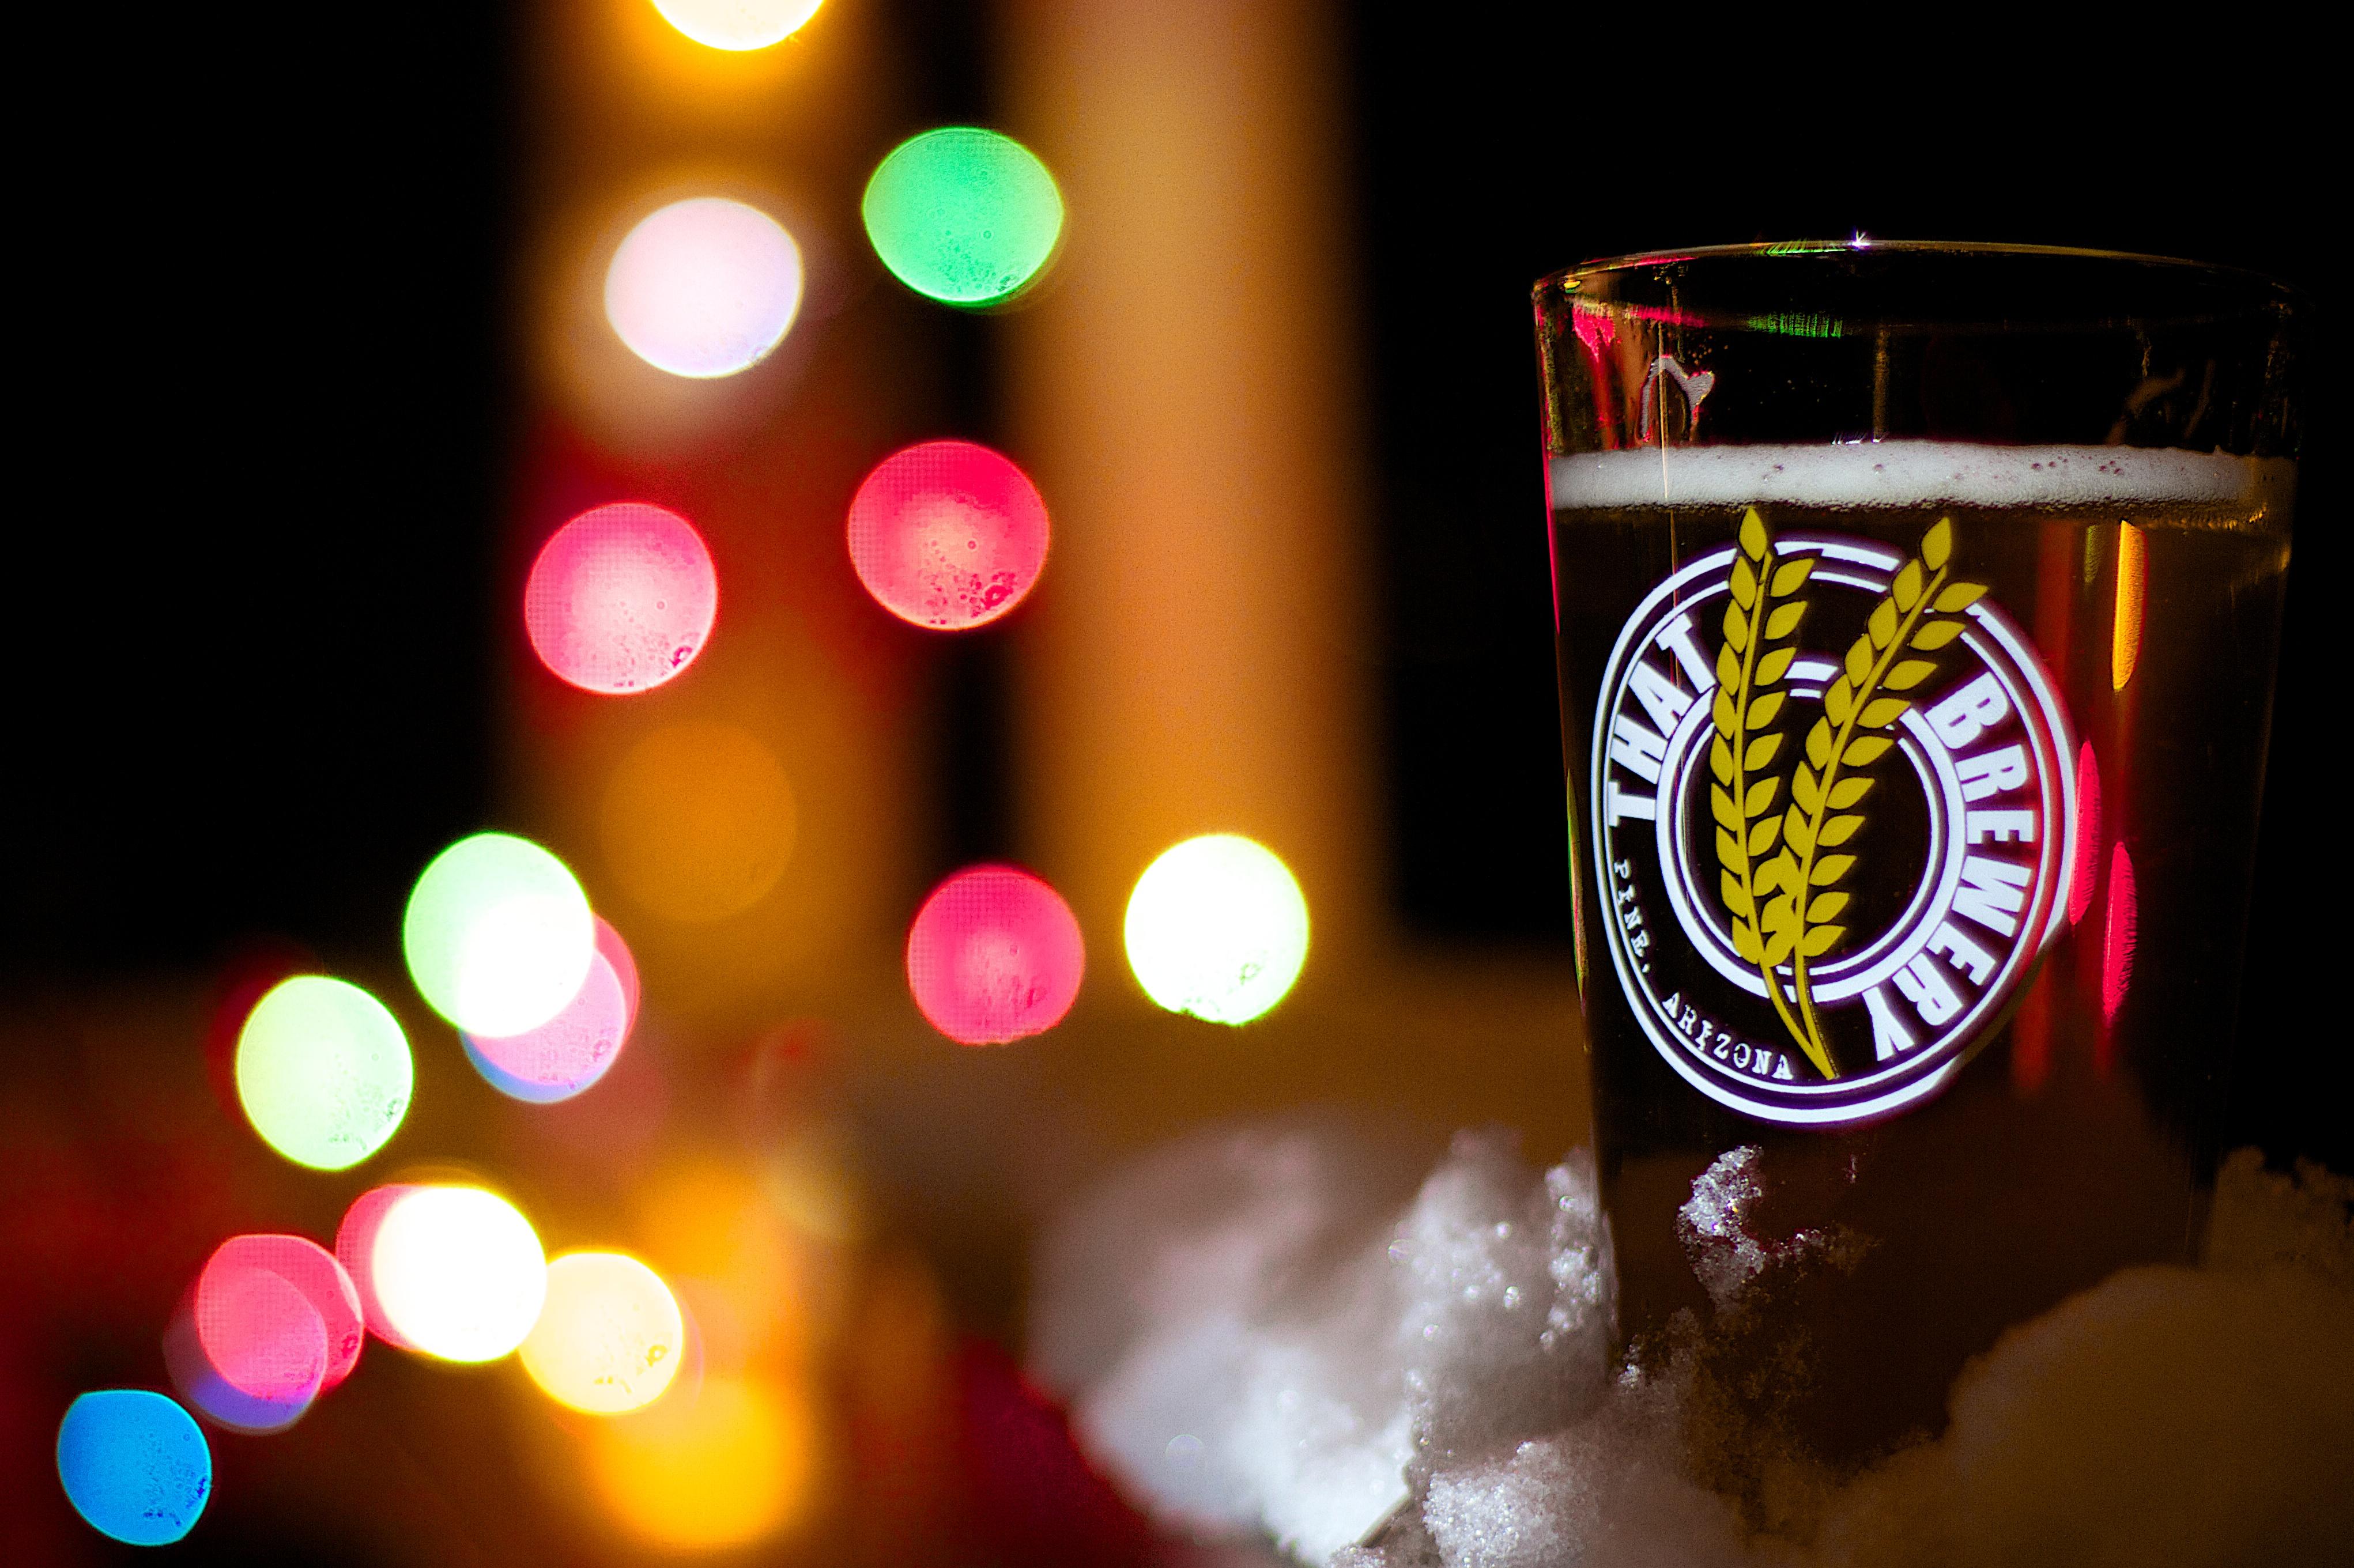 Fotos gratis : ligero, Bokeh, noche, color, beber, Navidad ...